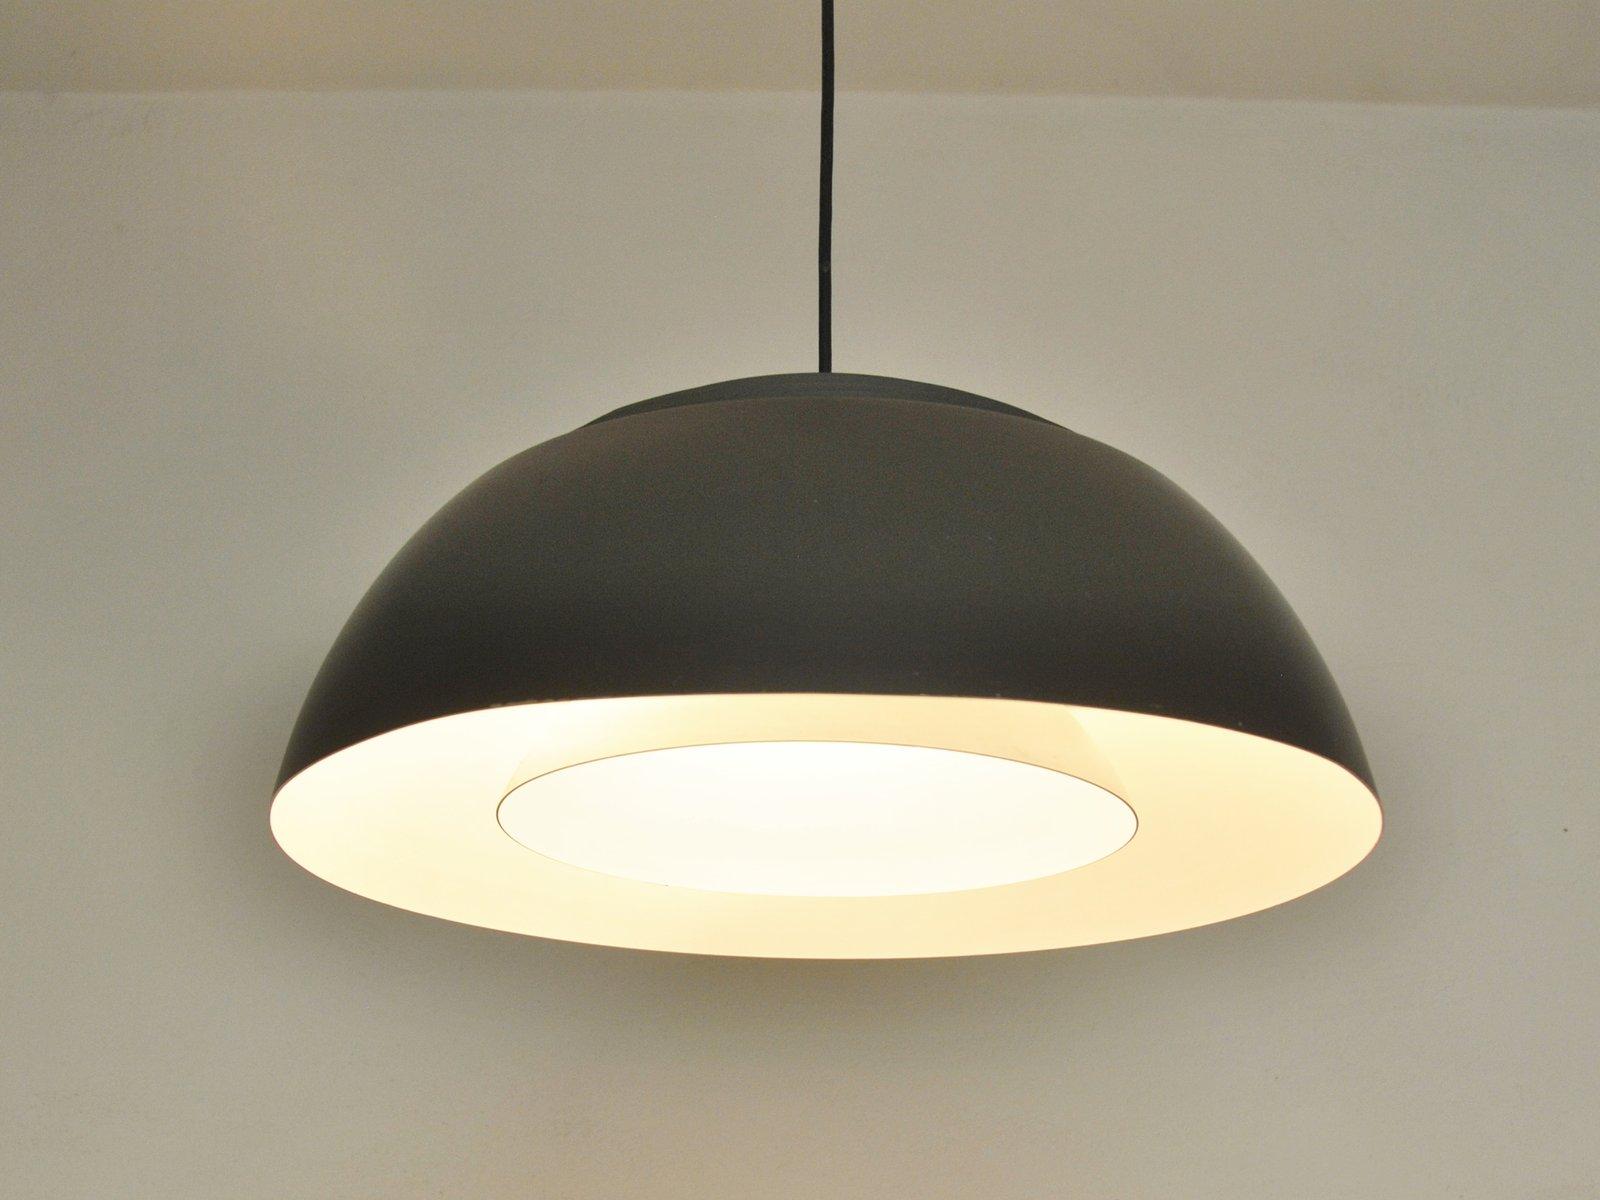 Moderne Lampen 52 : Best beleuchtung designer leuchten moderne lampen images